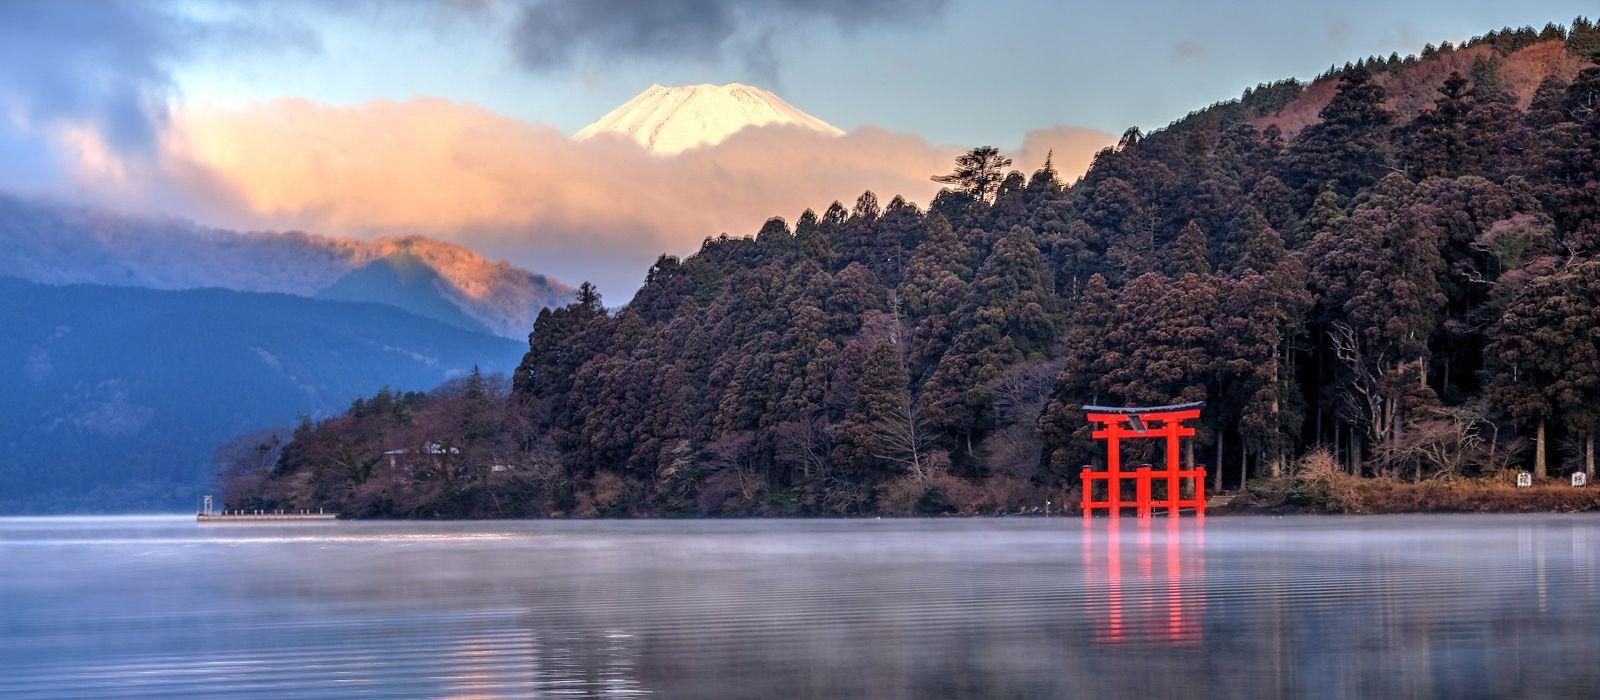 Exklusive Japan Luxusreise Urlaub 1